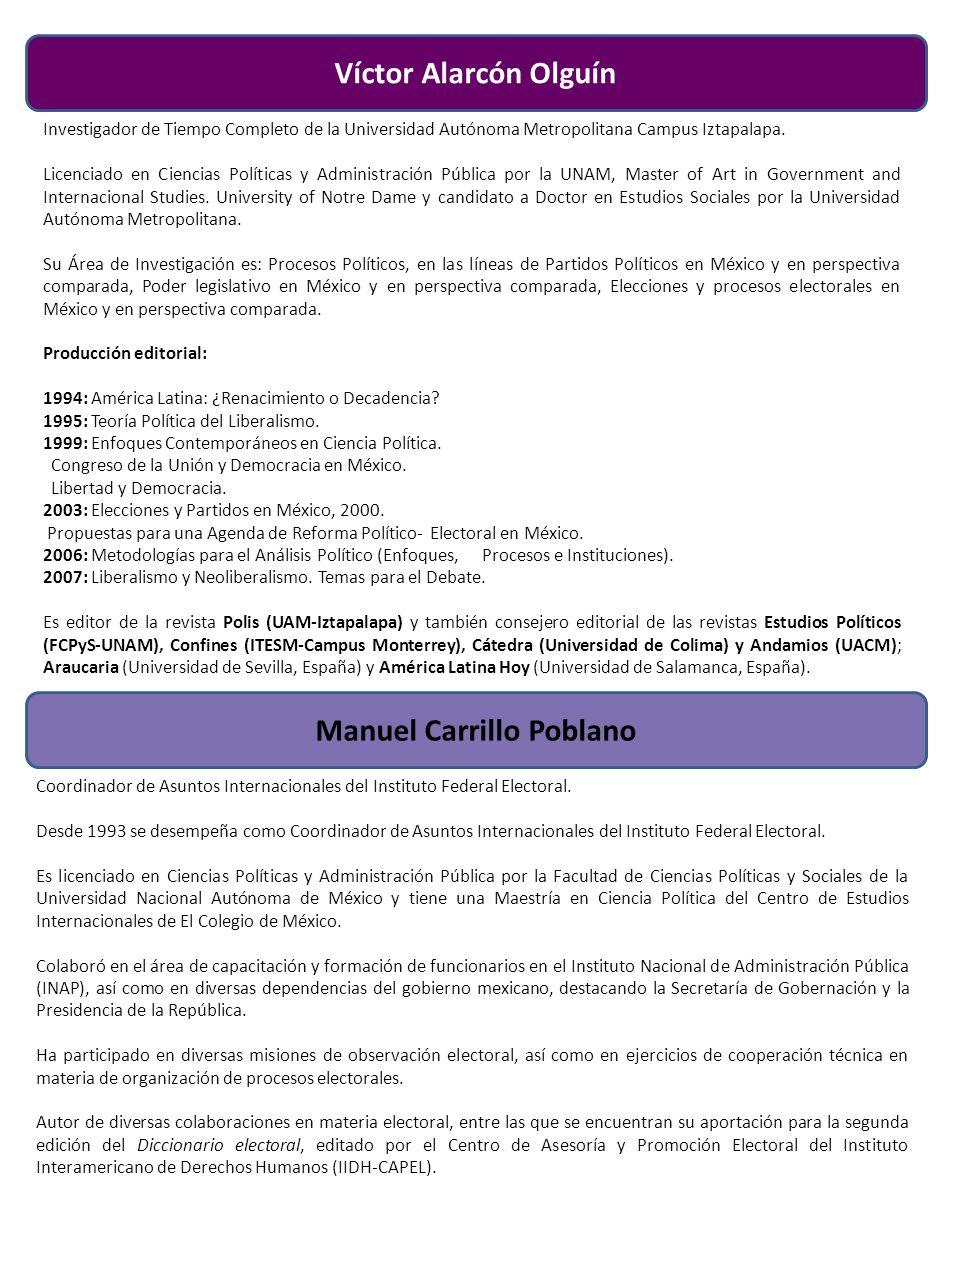 Víctor Alarcón Olguín Manuel Carrillo Poblano Investigador de Tiempo Completo de la Universidad Autónoma Metropolitana Campus Iztapalapa. Licenciado e